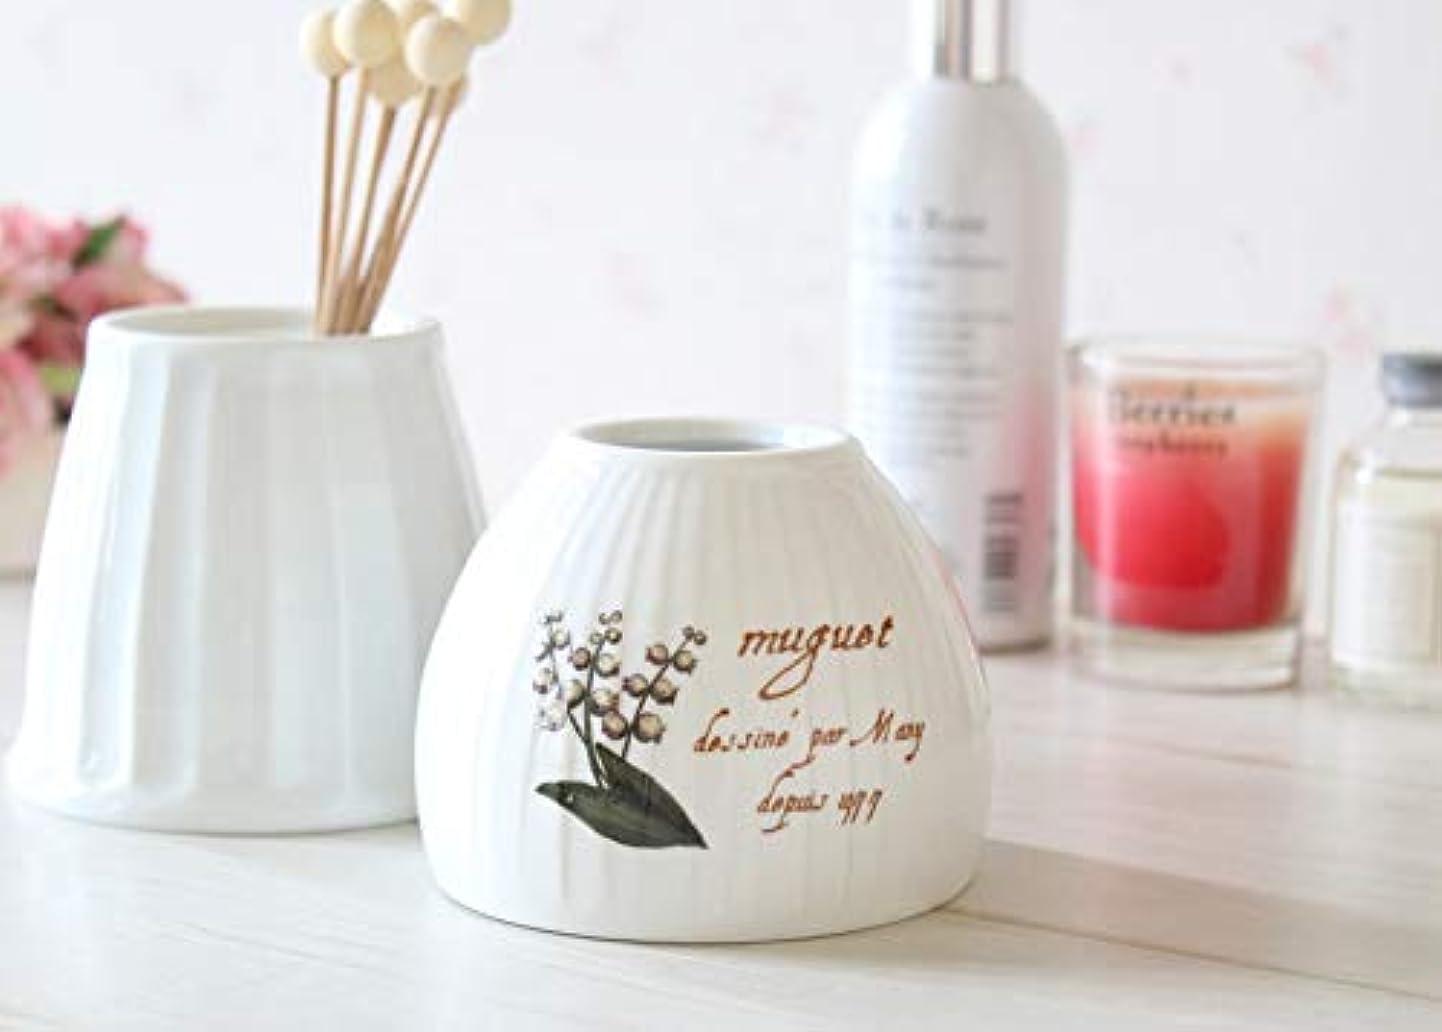 それによってワックス相互接続マニー ミュゲ 陶器 ジュポン型アロマカバー